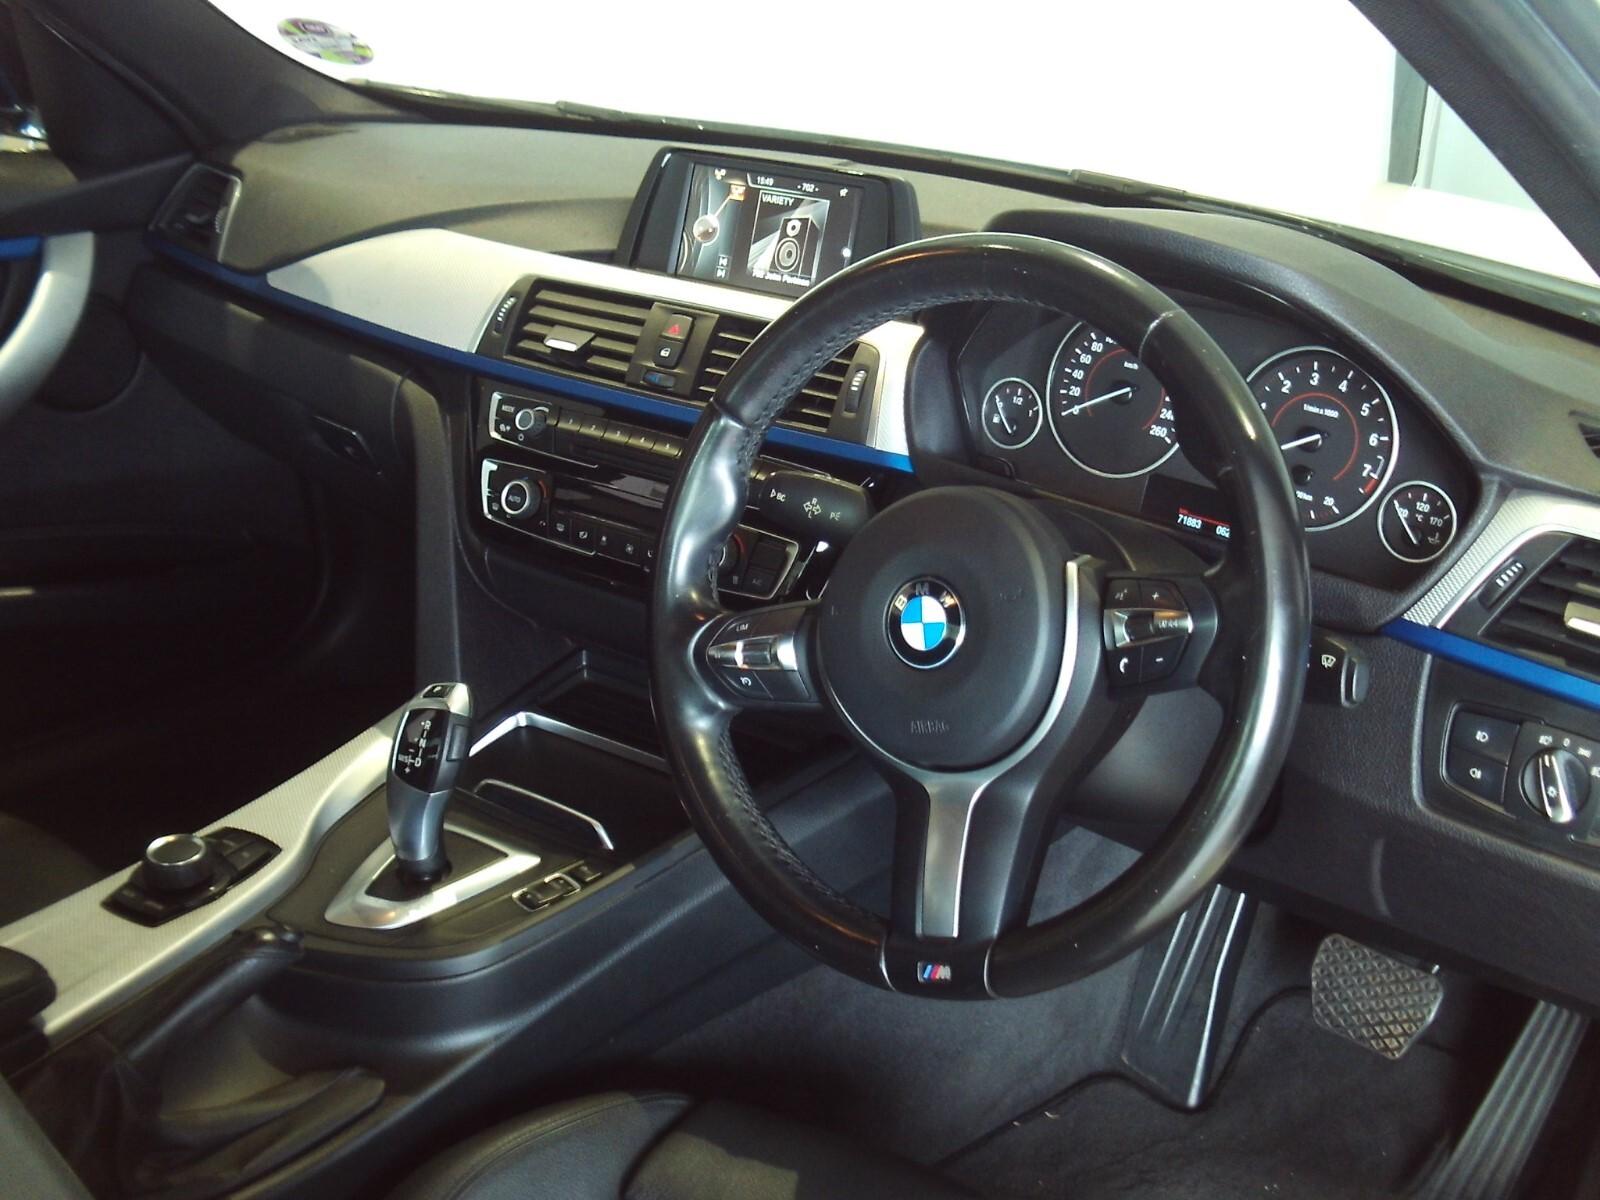 BMW 318i M SPORT A/T (F30) Roodepoort 18335162